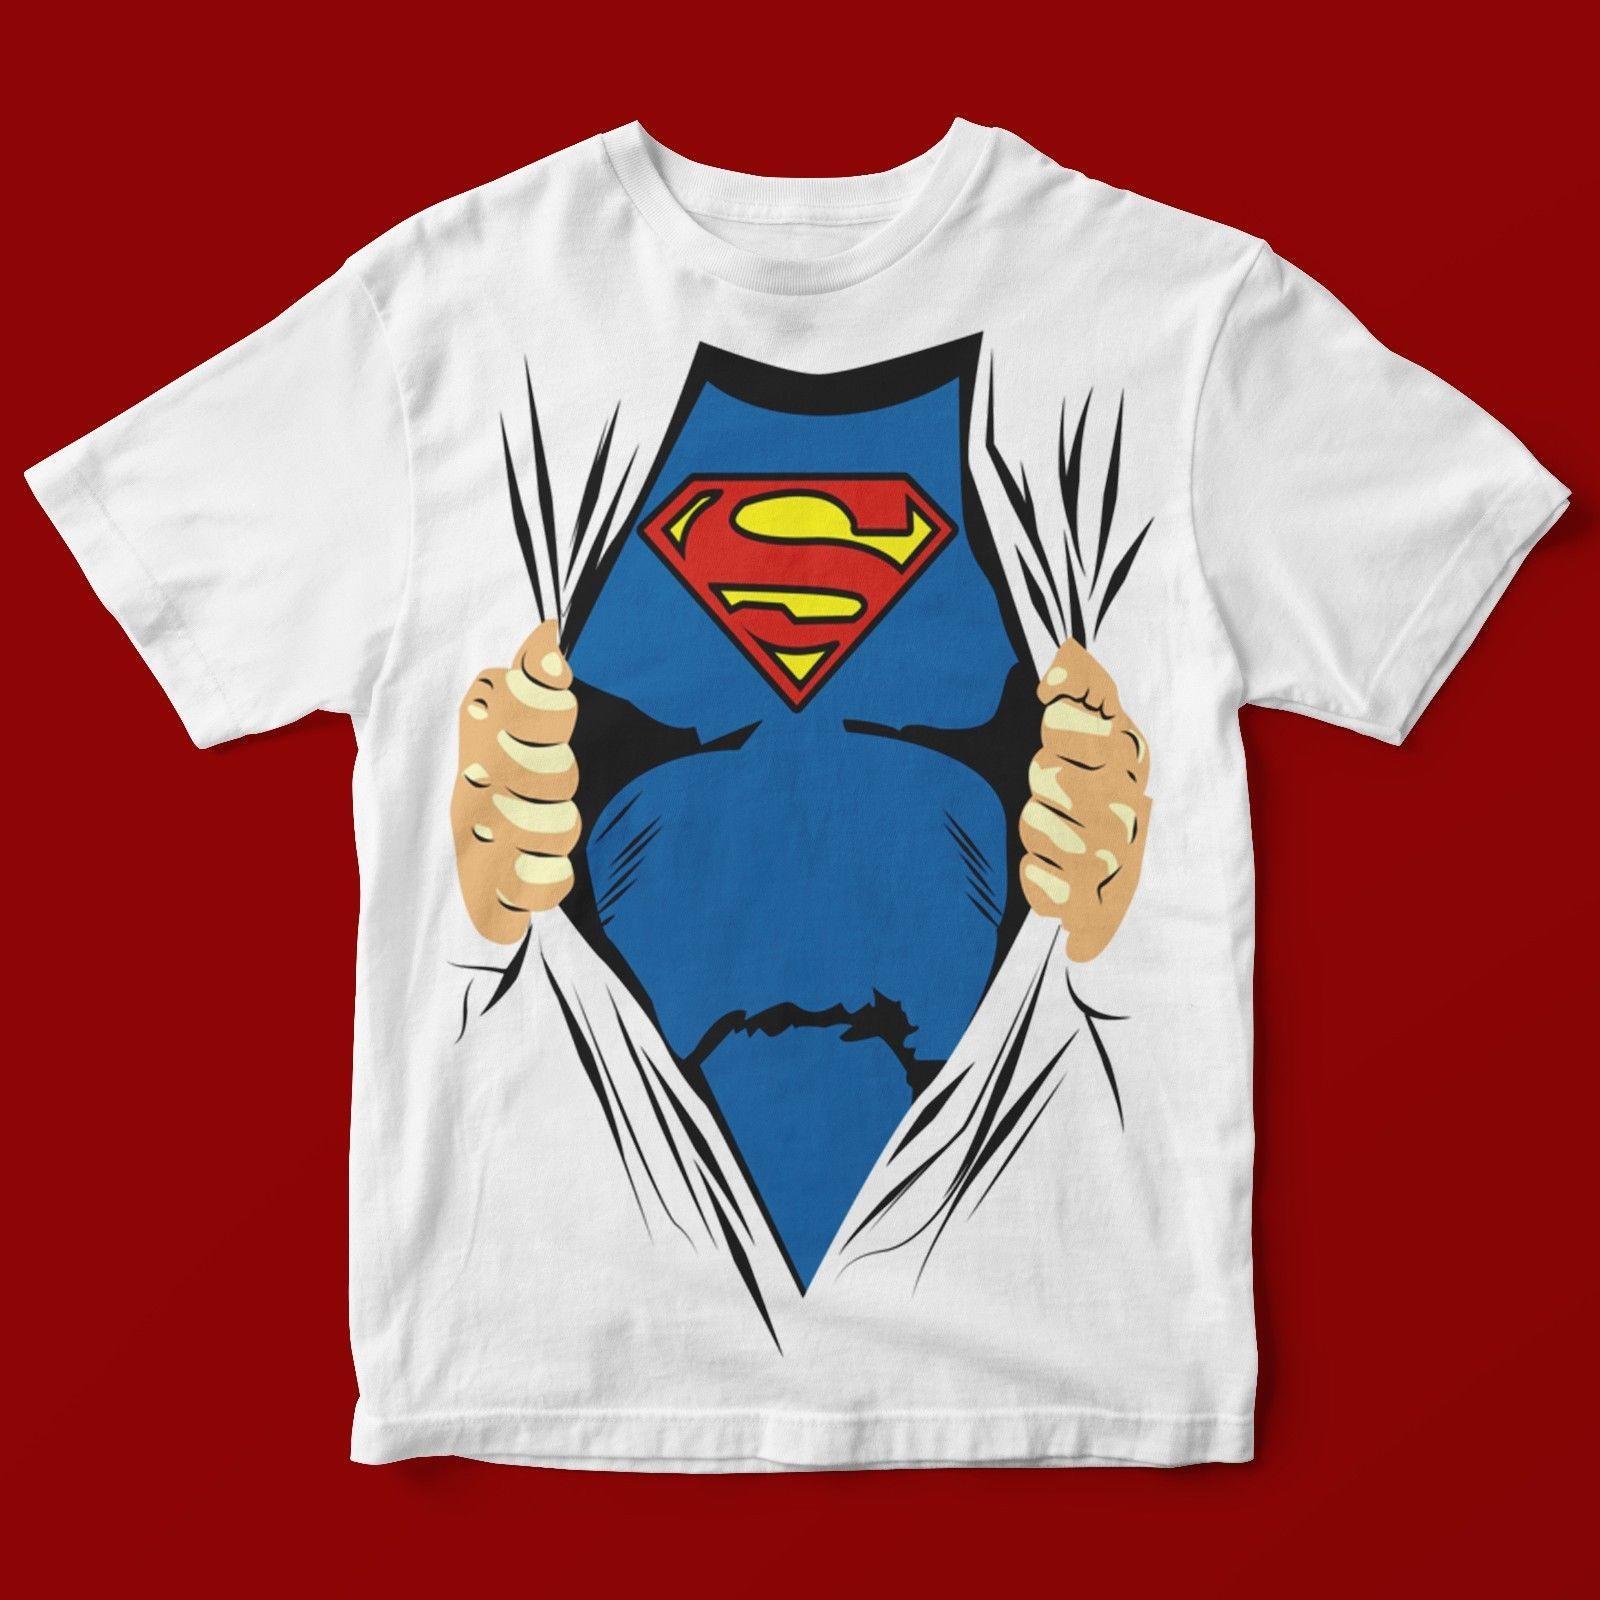 2ff7ae0d Vente tee shirt superman | Plein 99 livraison gratuite